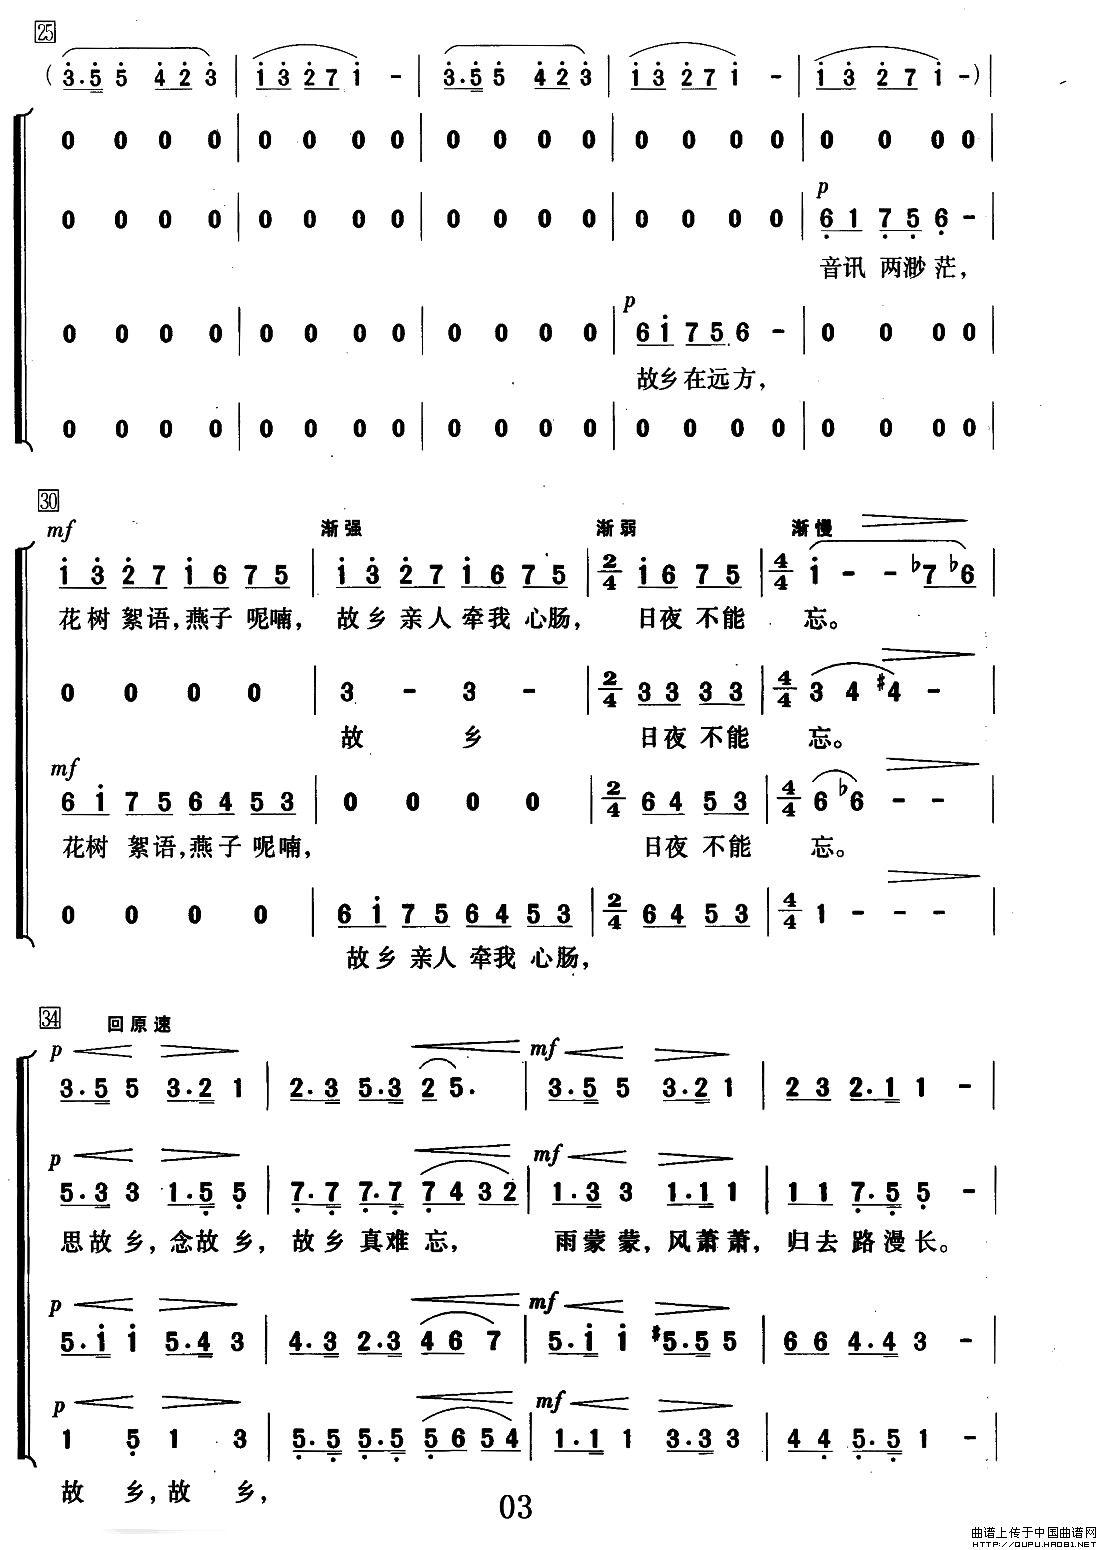 基督教歌曲大合唱复活思典歌谱